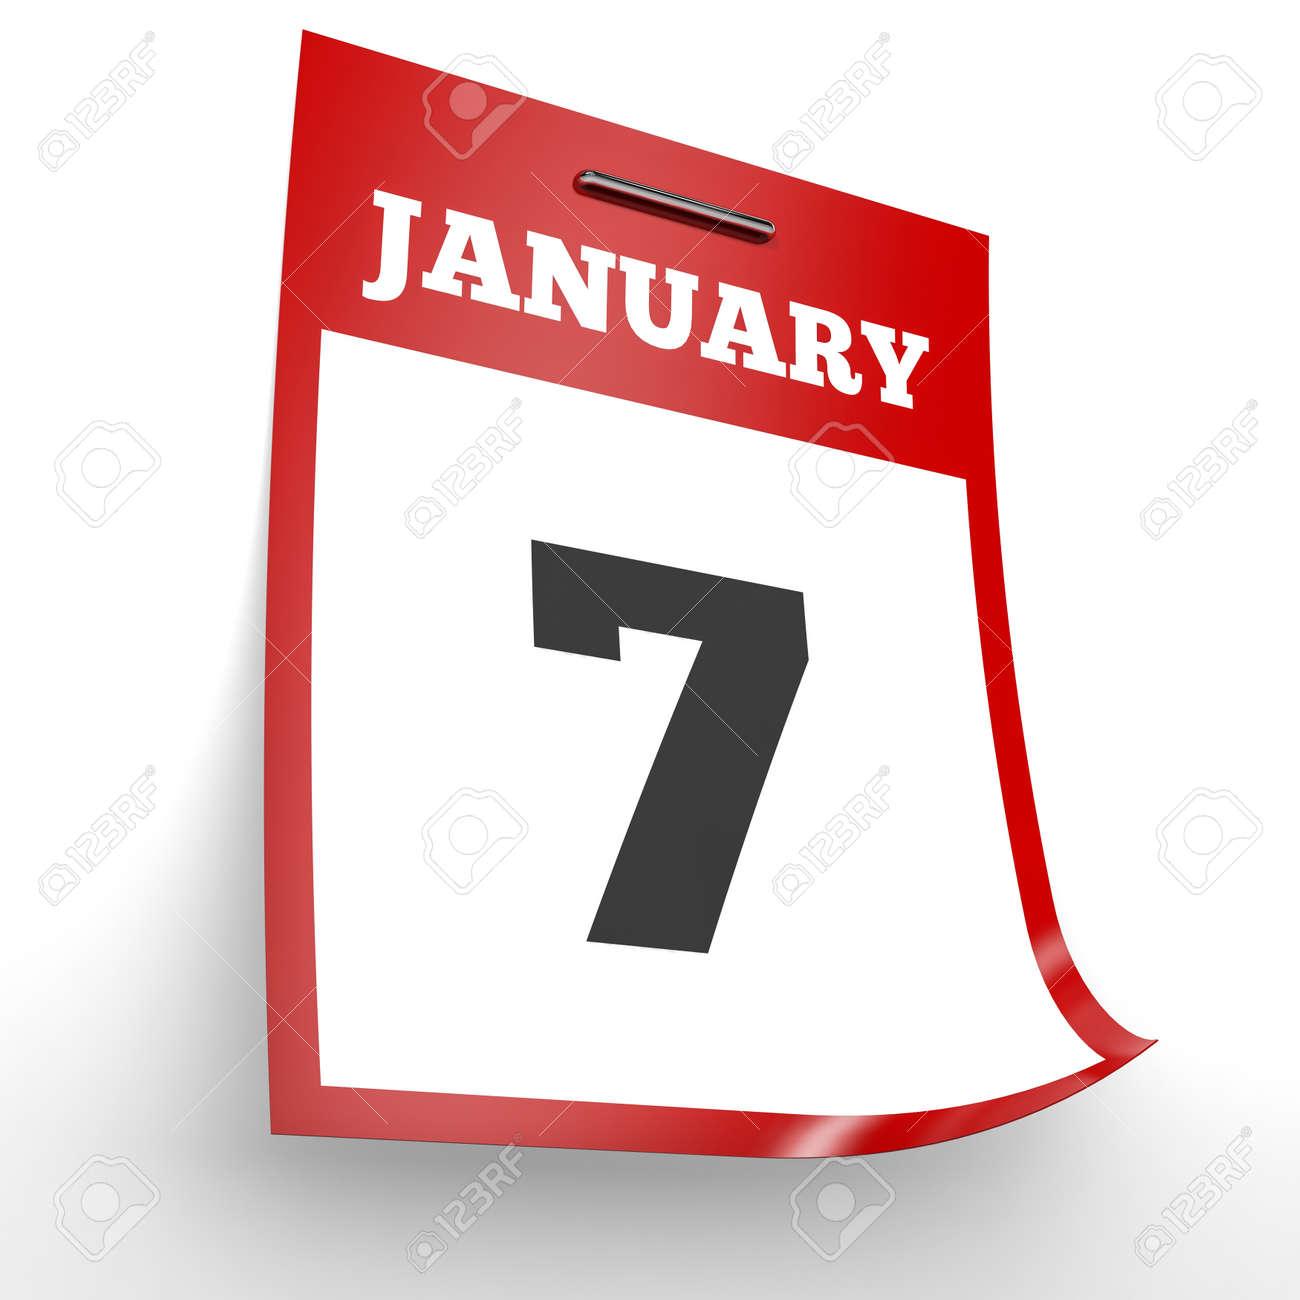 Calendario Enero 1978.7 De Enero De Calendario En El Fondo Blanco Ilustracion 3d